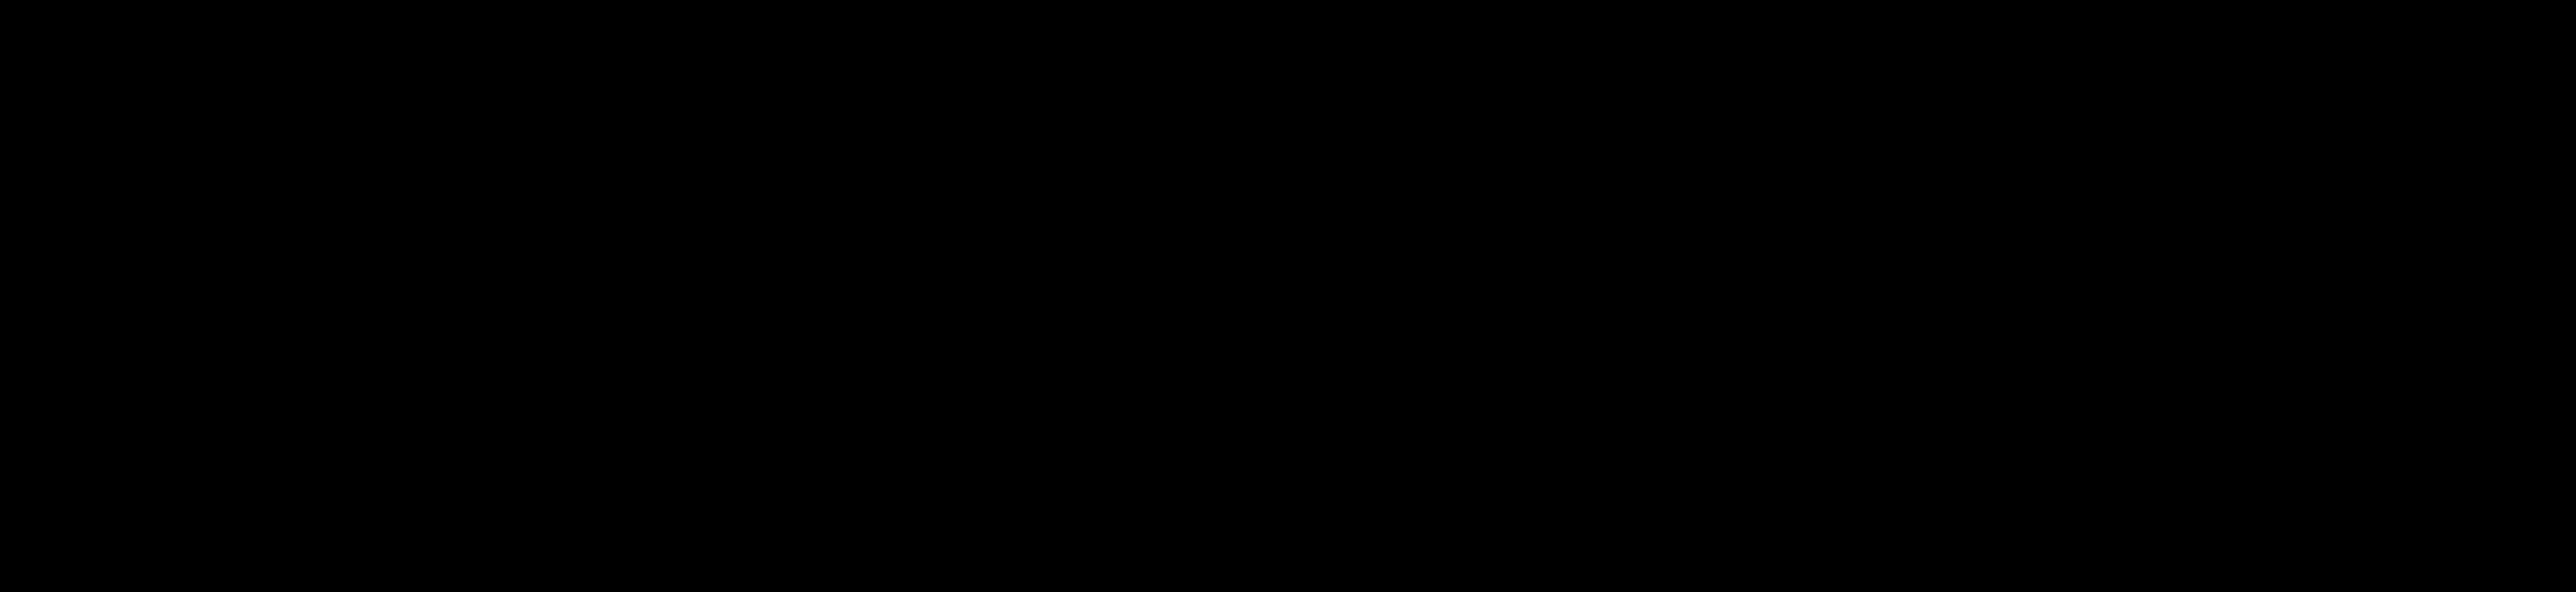 N-Biotinyl D-erythro-sphingosine